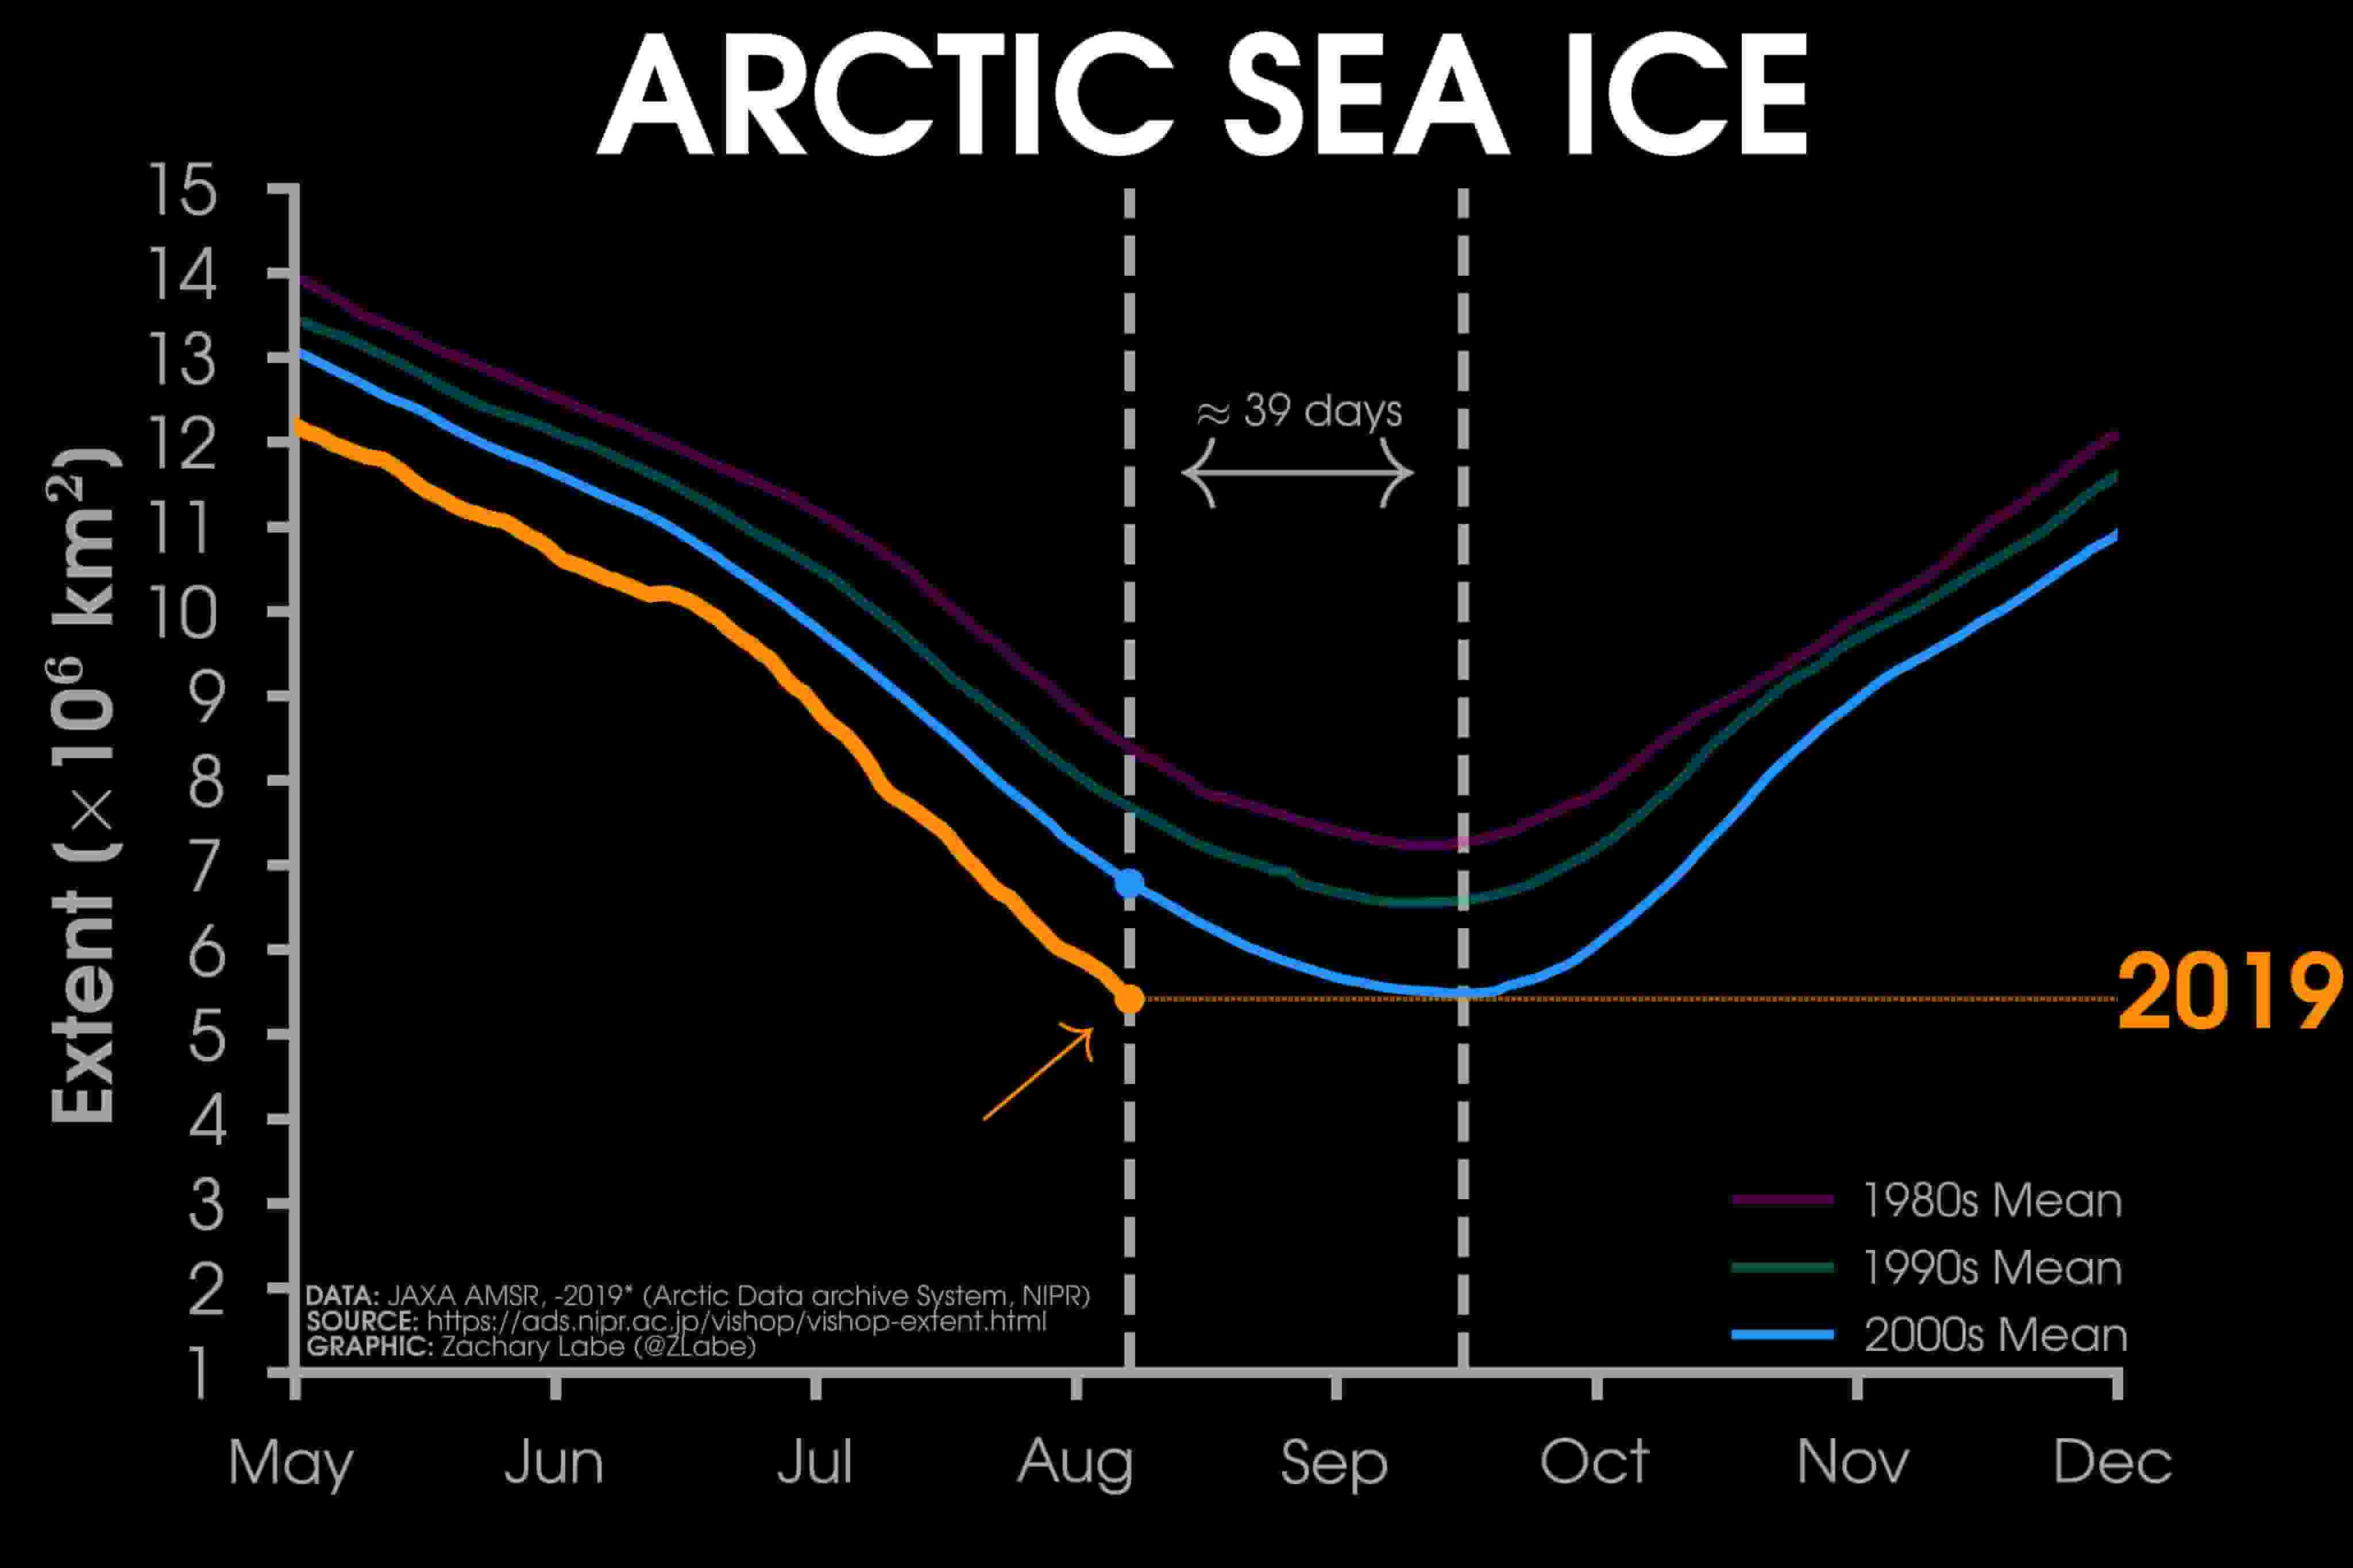 таяние ледников Гренландии - В конце июля 2019 года зафиксирован рекордно низкий уровень морского льда в Арктике